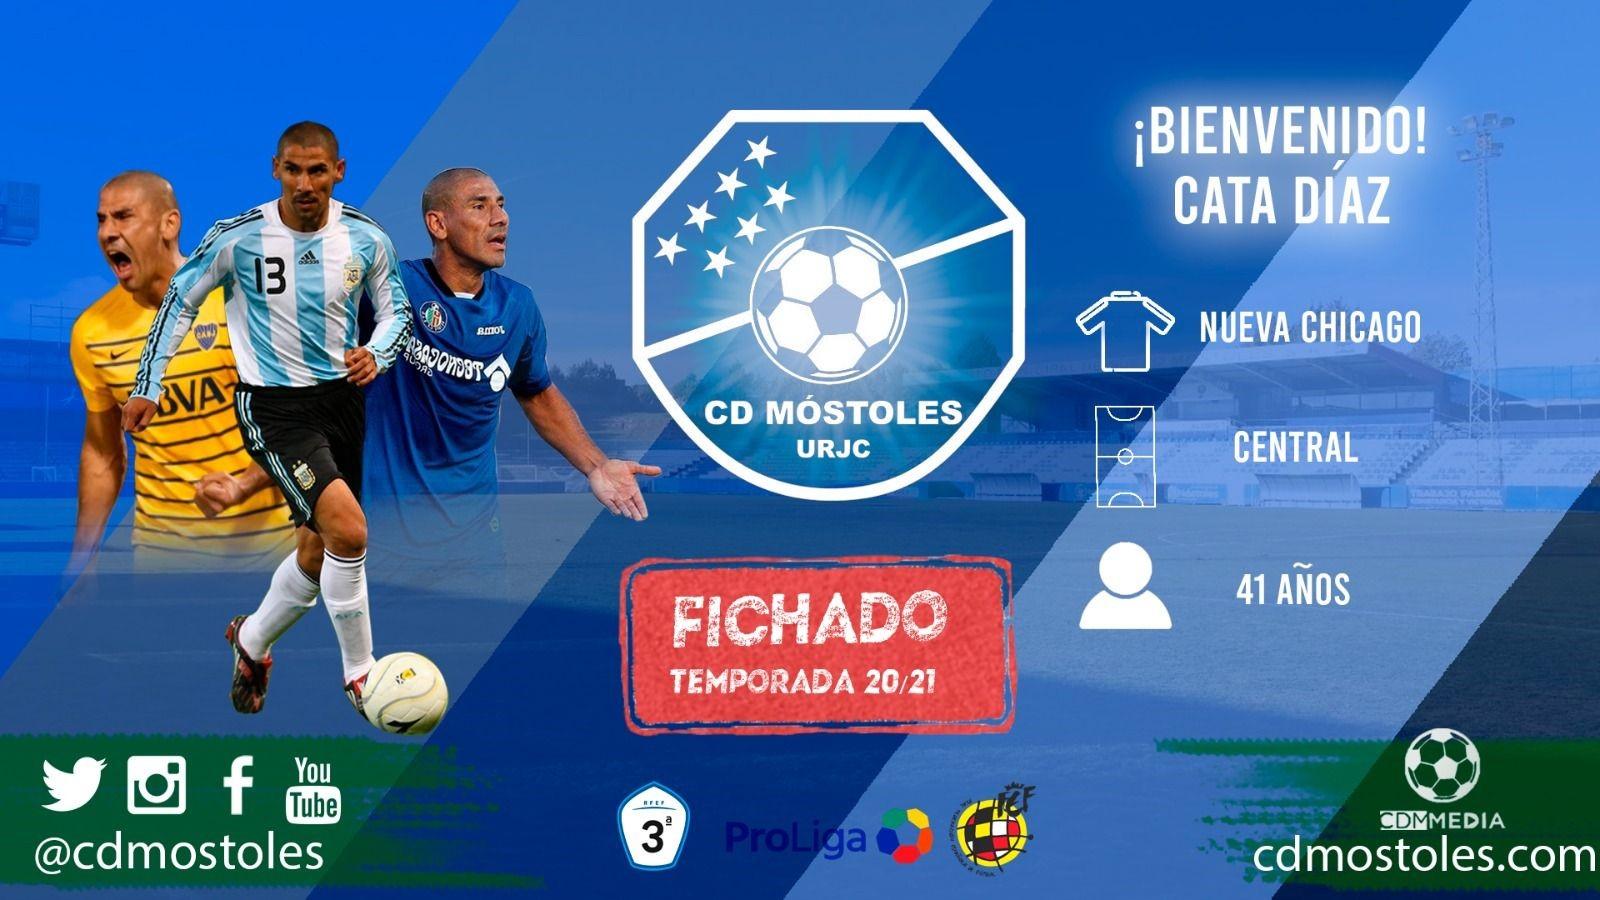 Texto Alternativo: Cata Díaz es nuevo jugador del CD Móstoles